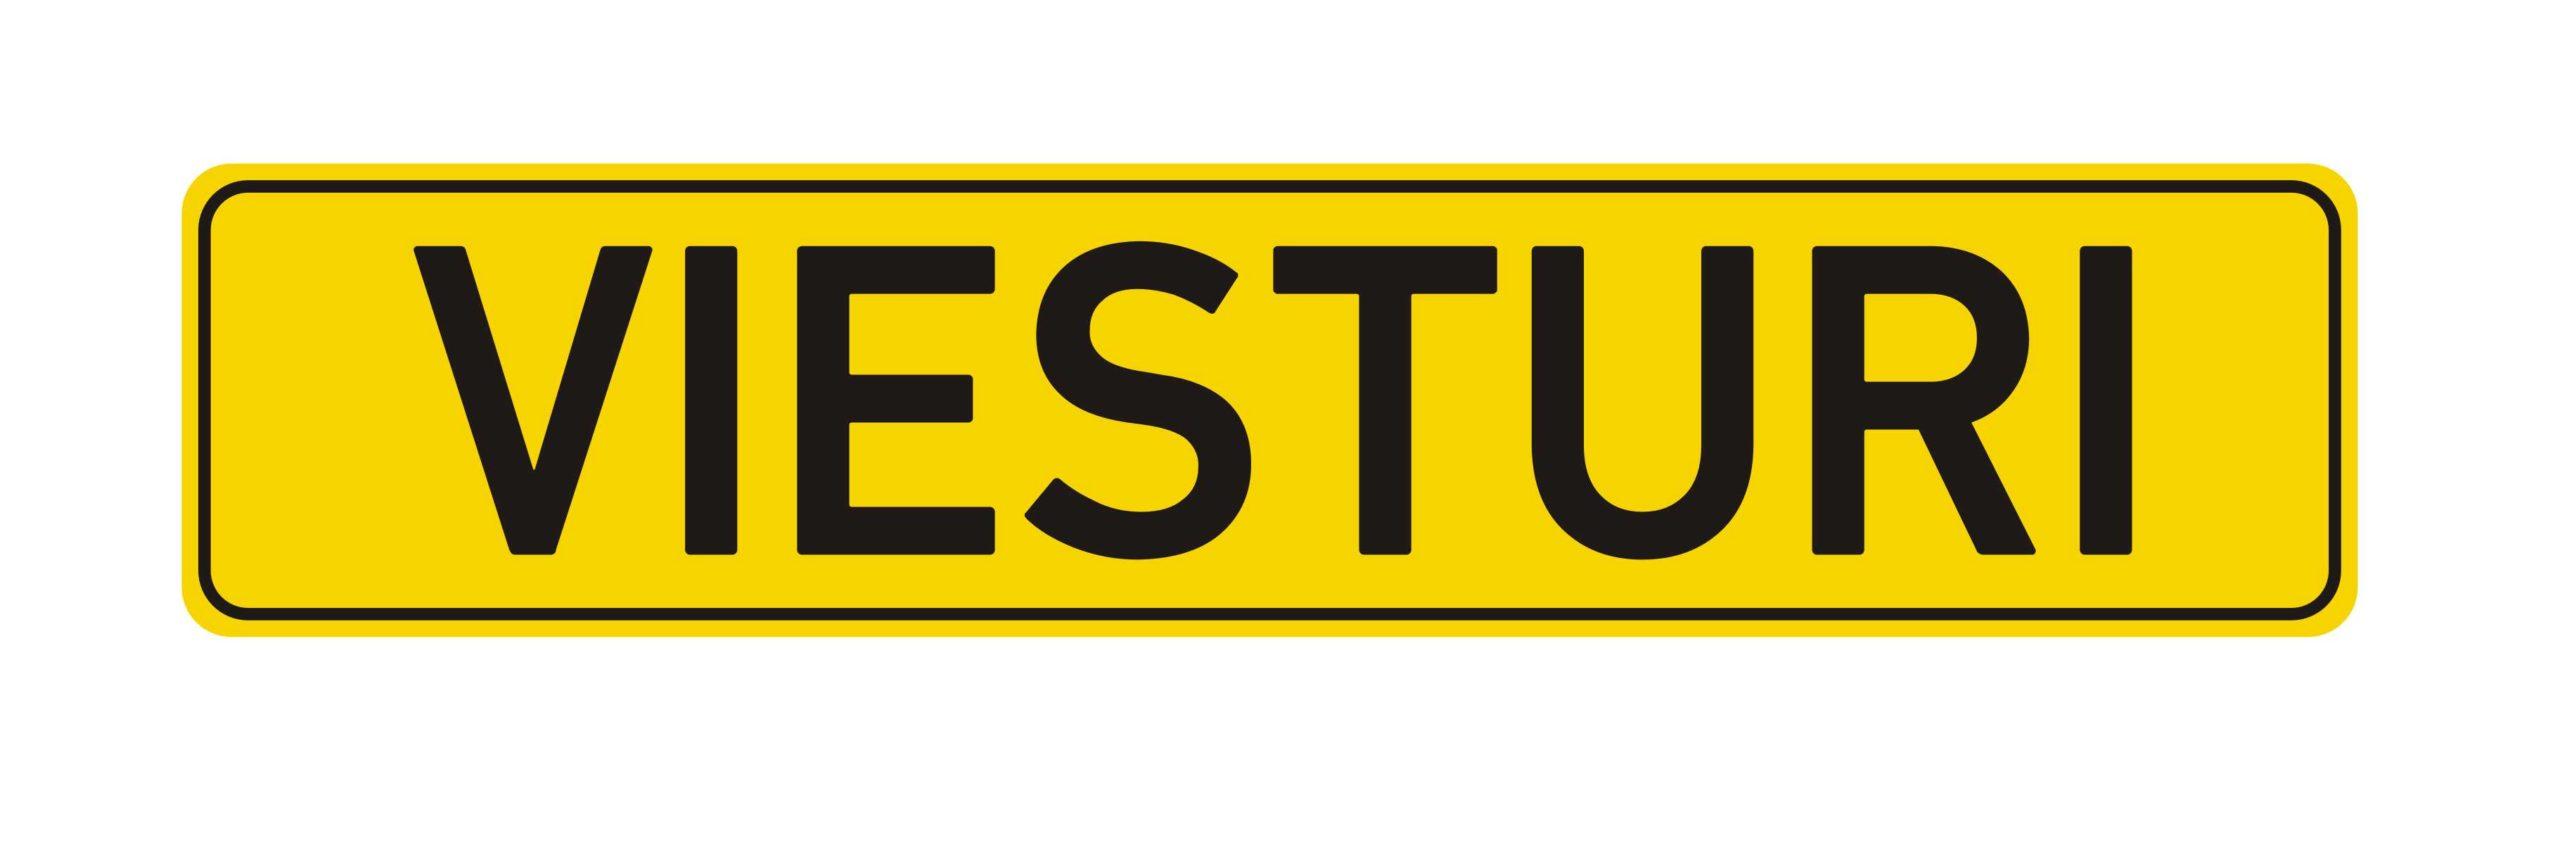 LATSIGN Mājas nosaukuma plāksne dzeltenā krāsā ar izpresētiem burtiem melnā krāsā - Viesturi